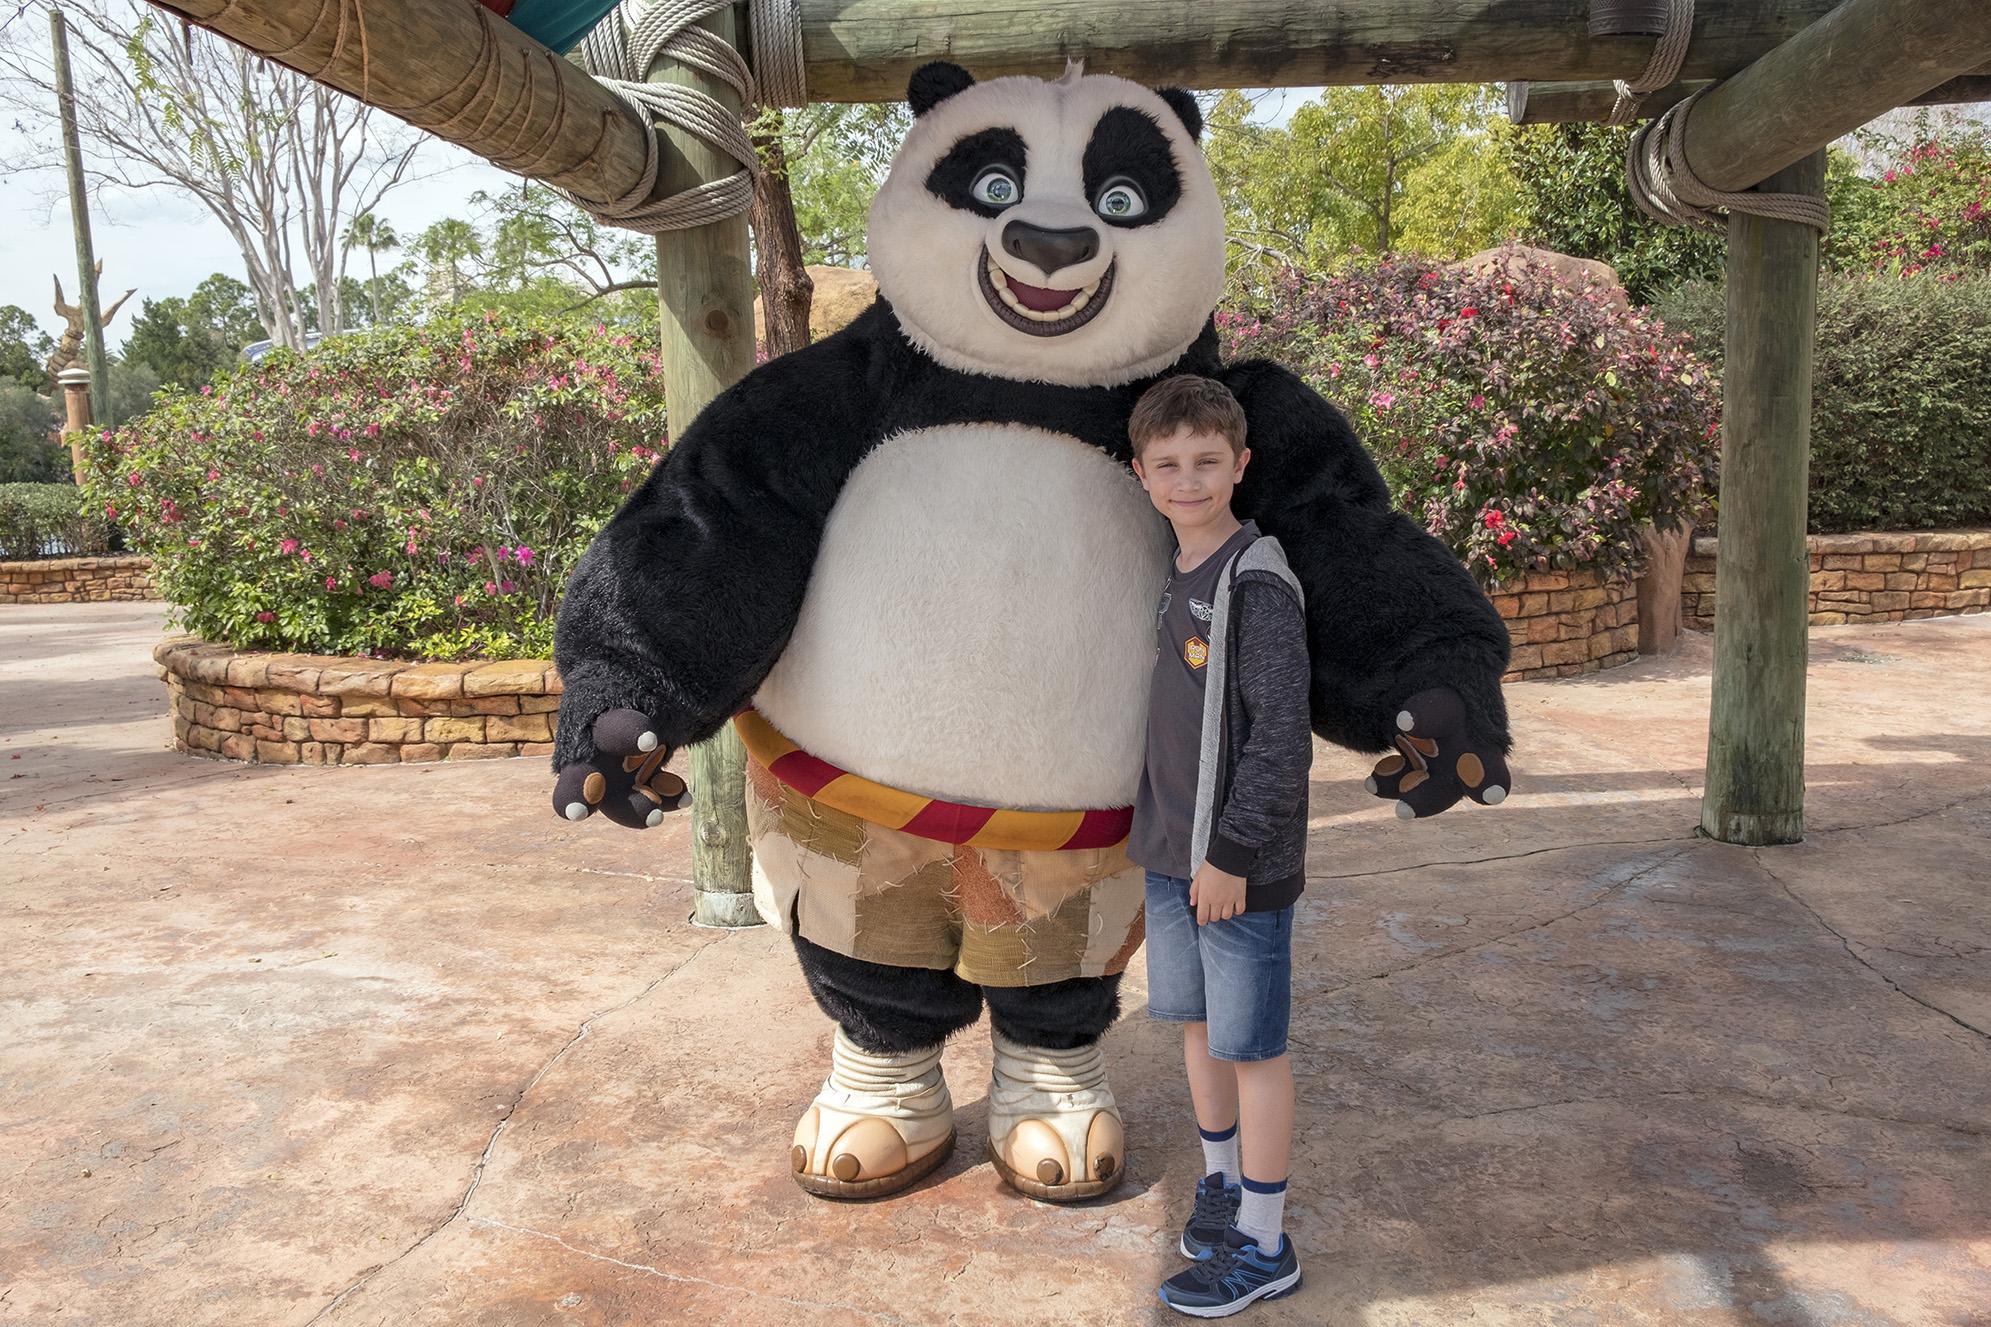 Po från Kung Fu Panda-filmerna.